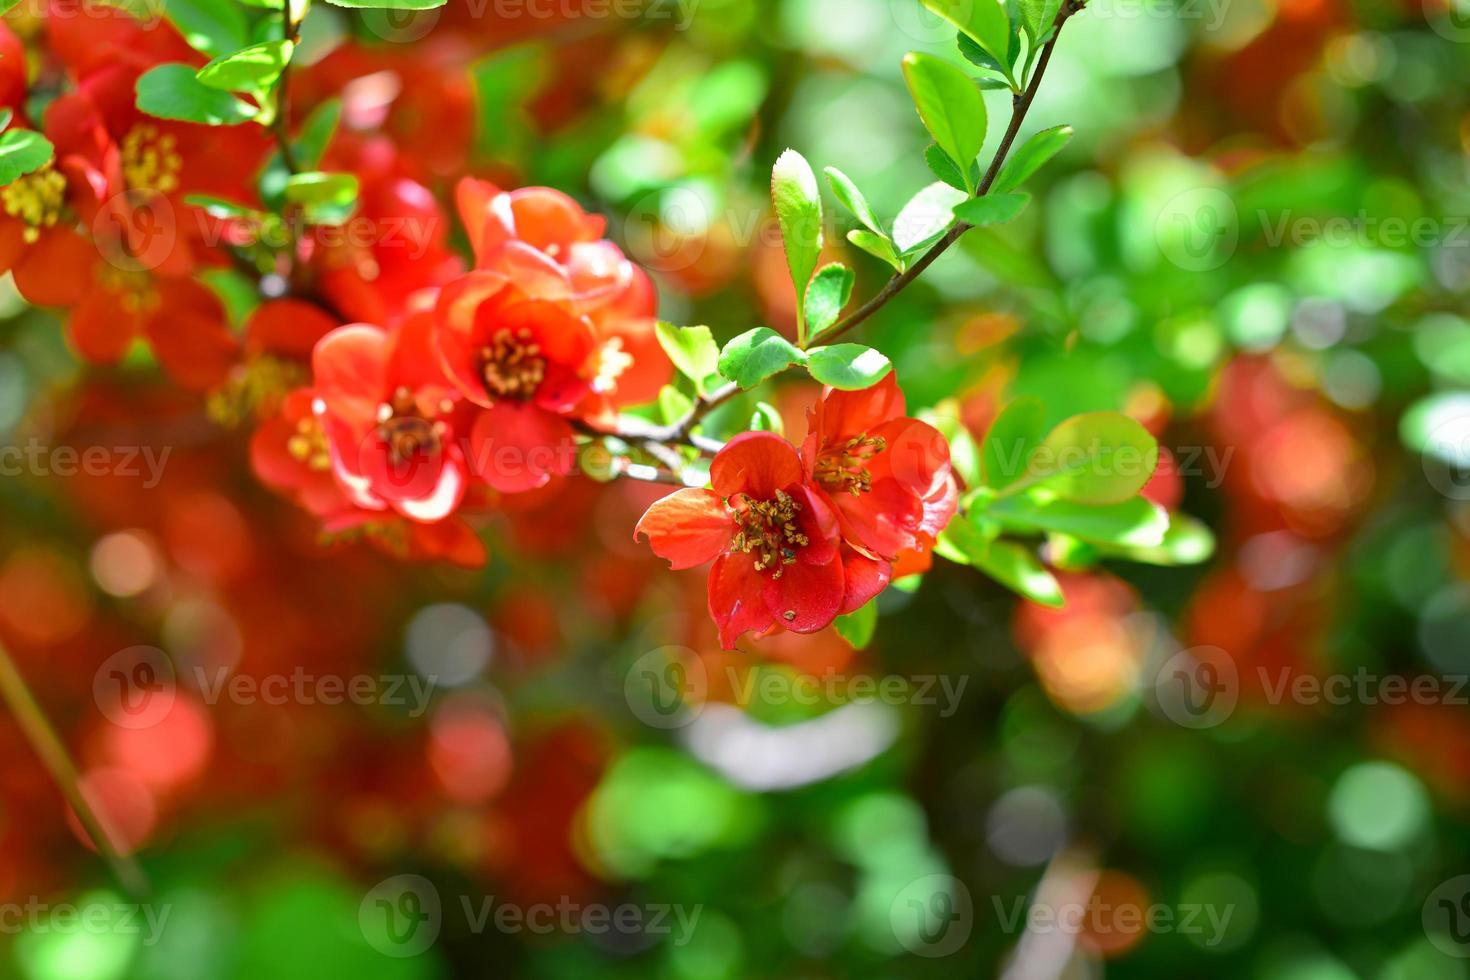 bloemen van henomeles in het voorjaar in de tuin. detailopname foto